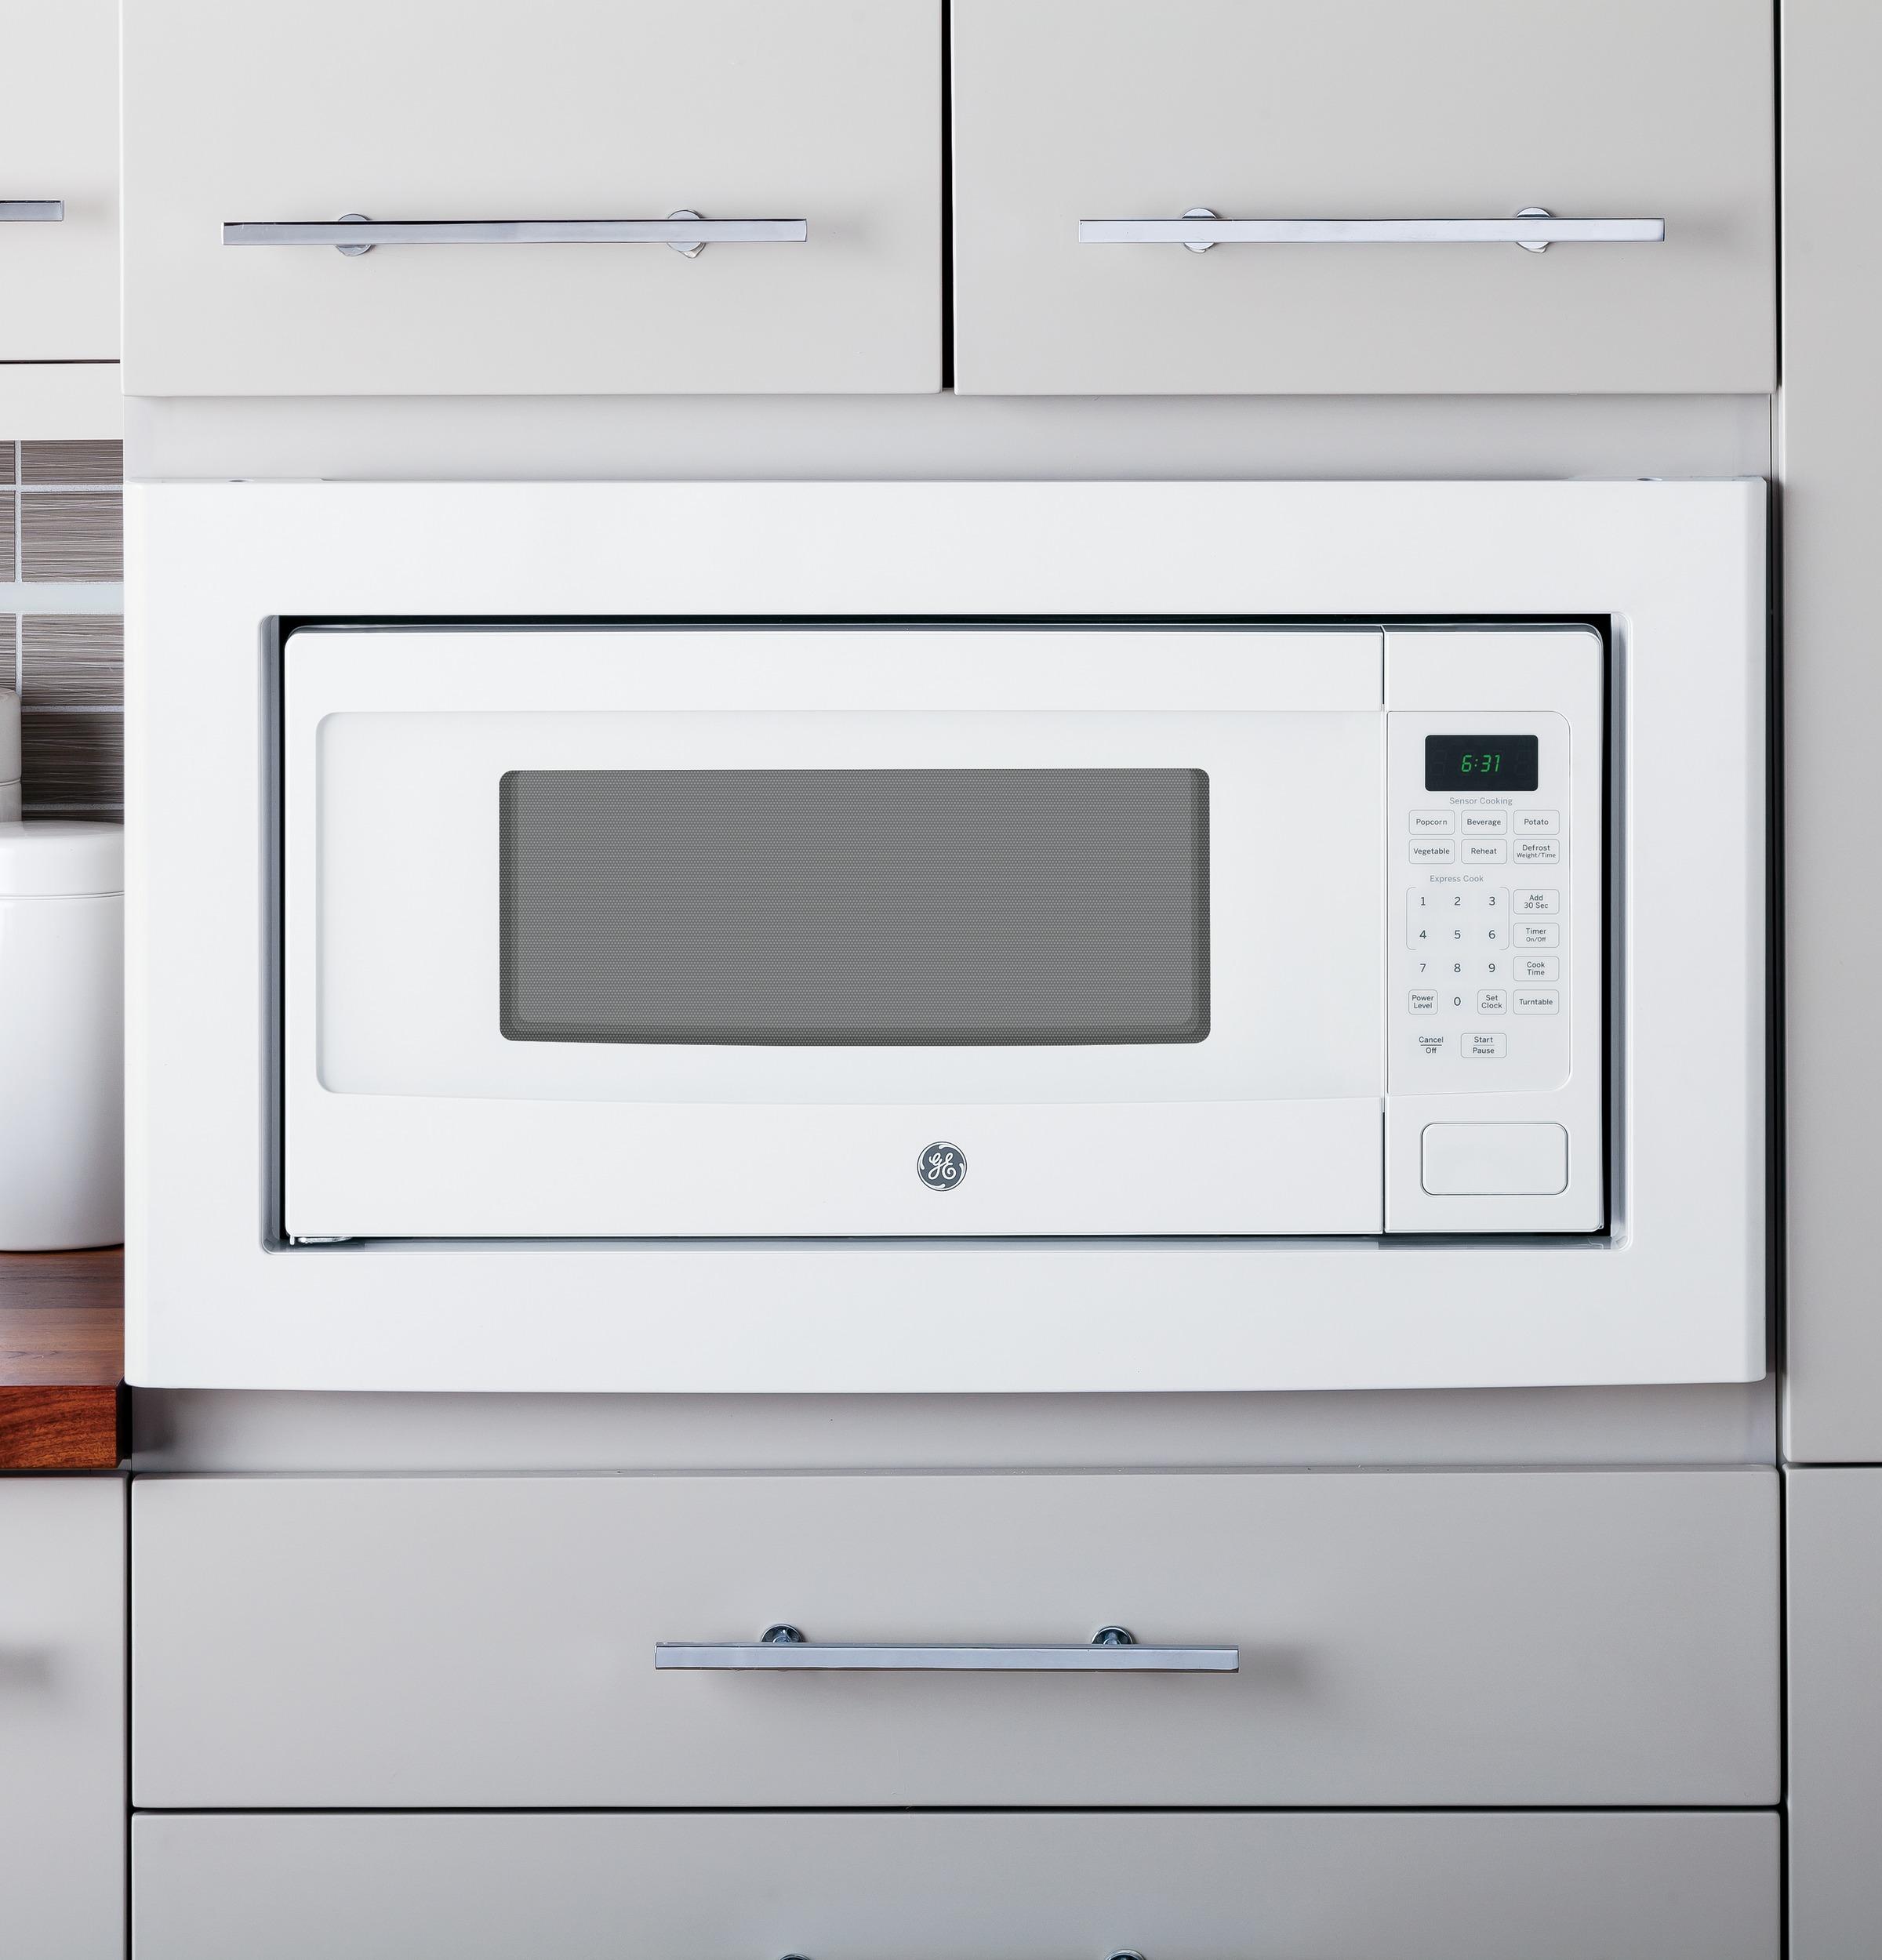 voss tv appliance